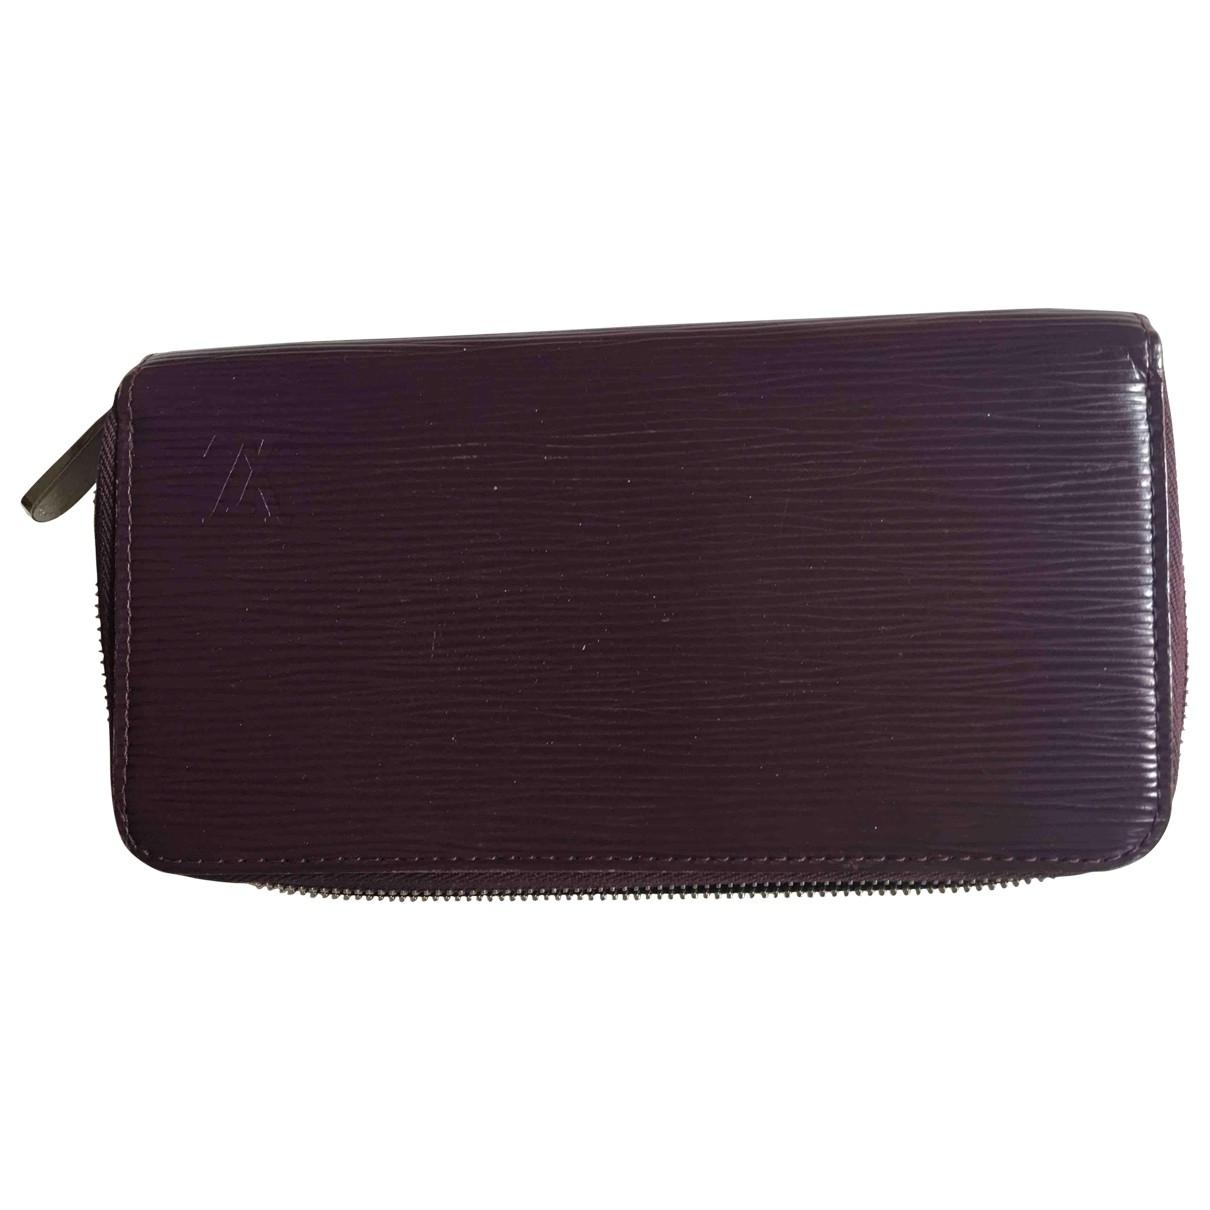 Louis Vuitton Zippy Purple Leather wallet for Women \N